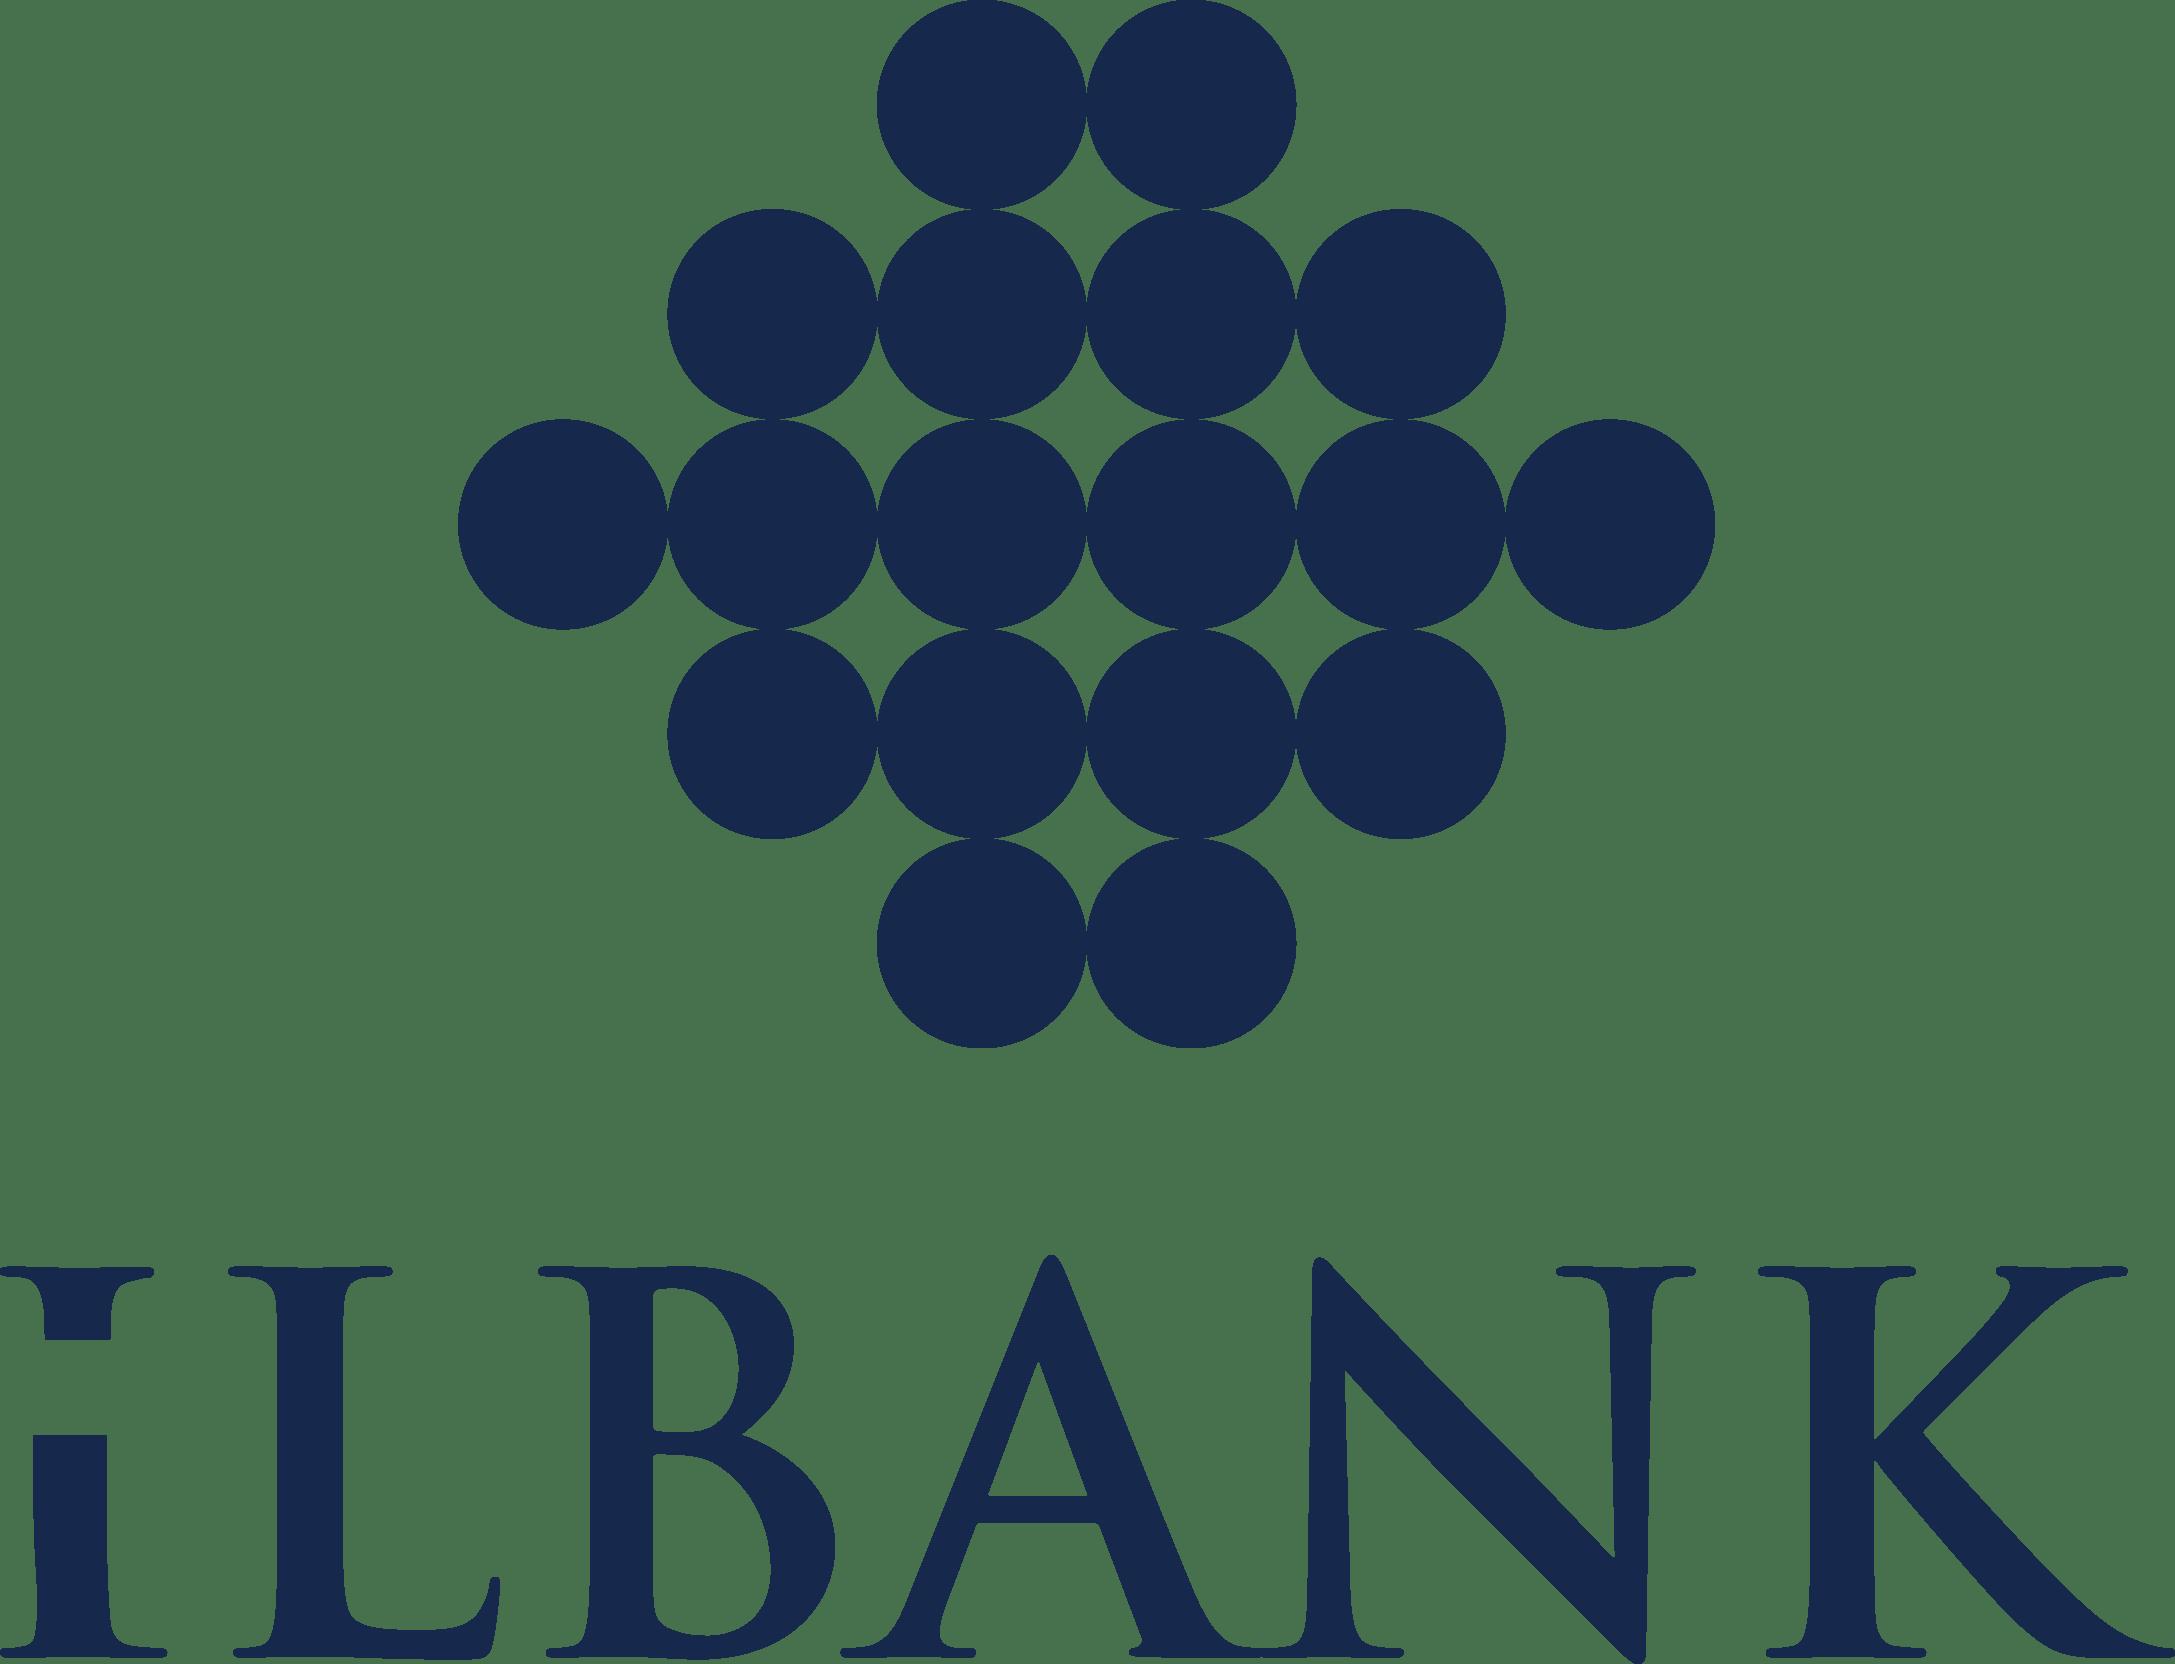 İlbank Logo (iller bankası)